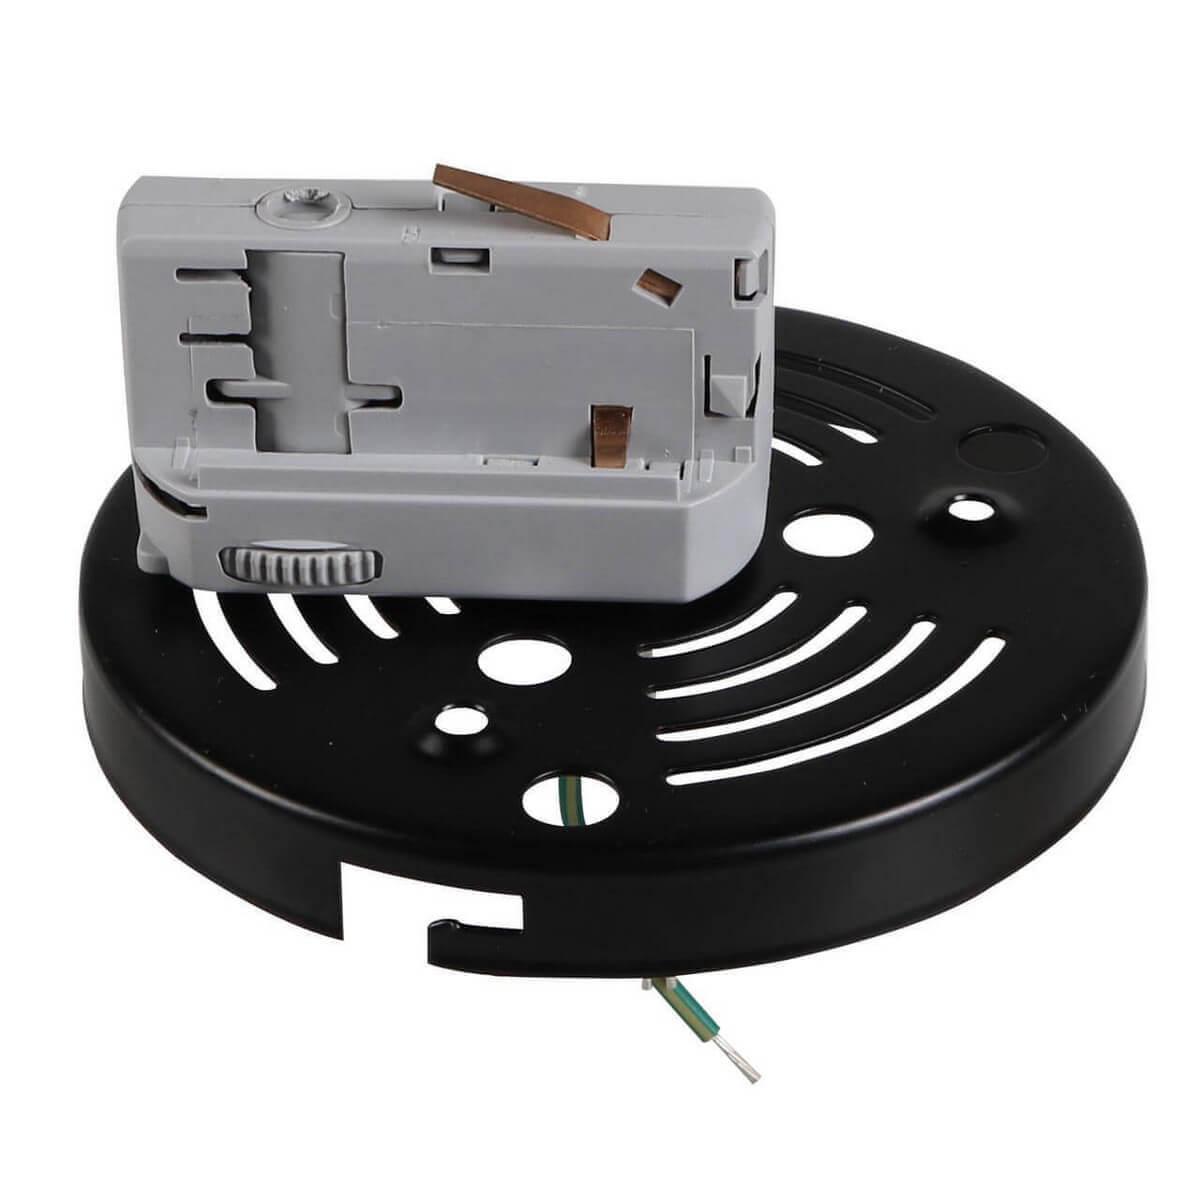 Адаптер для шинопровода Lightstar 594069 Asta (для трехфазного шинопровода)